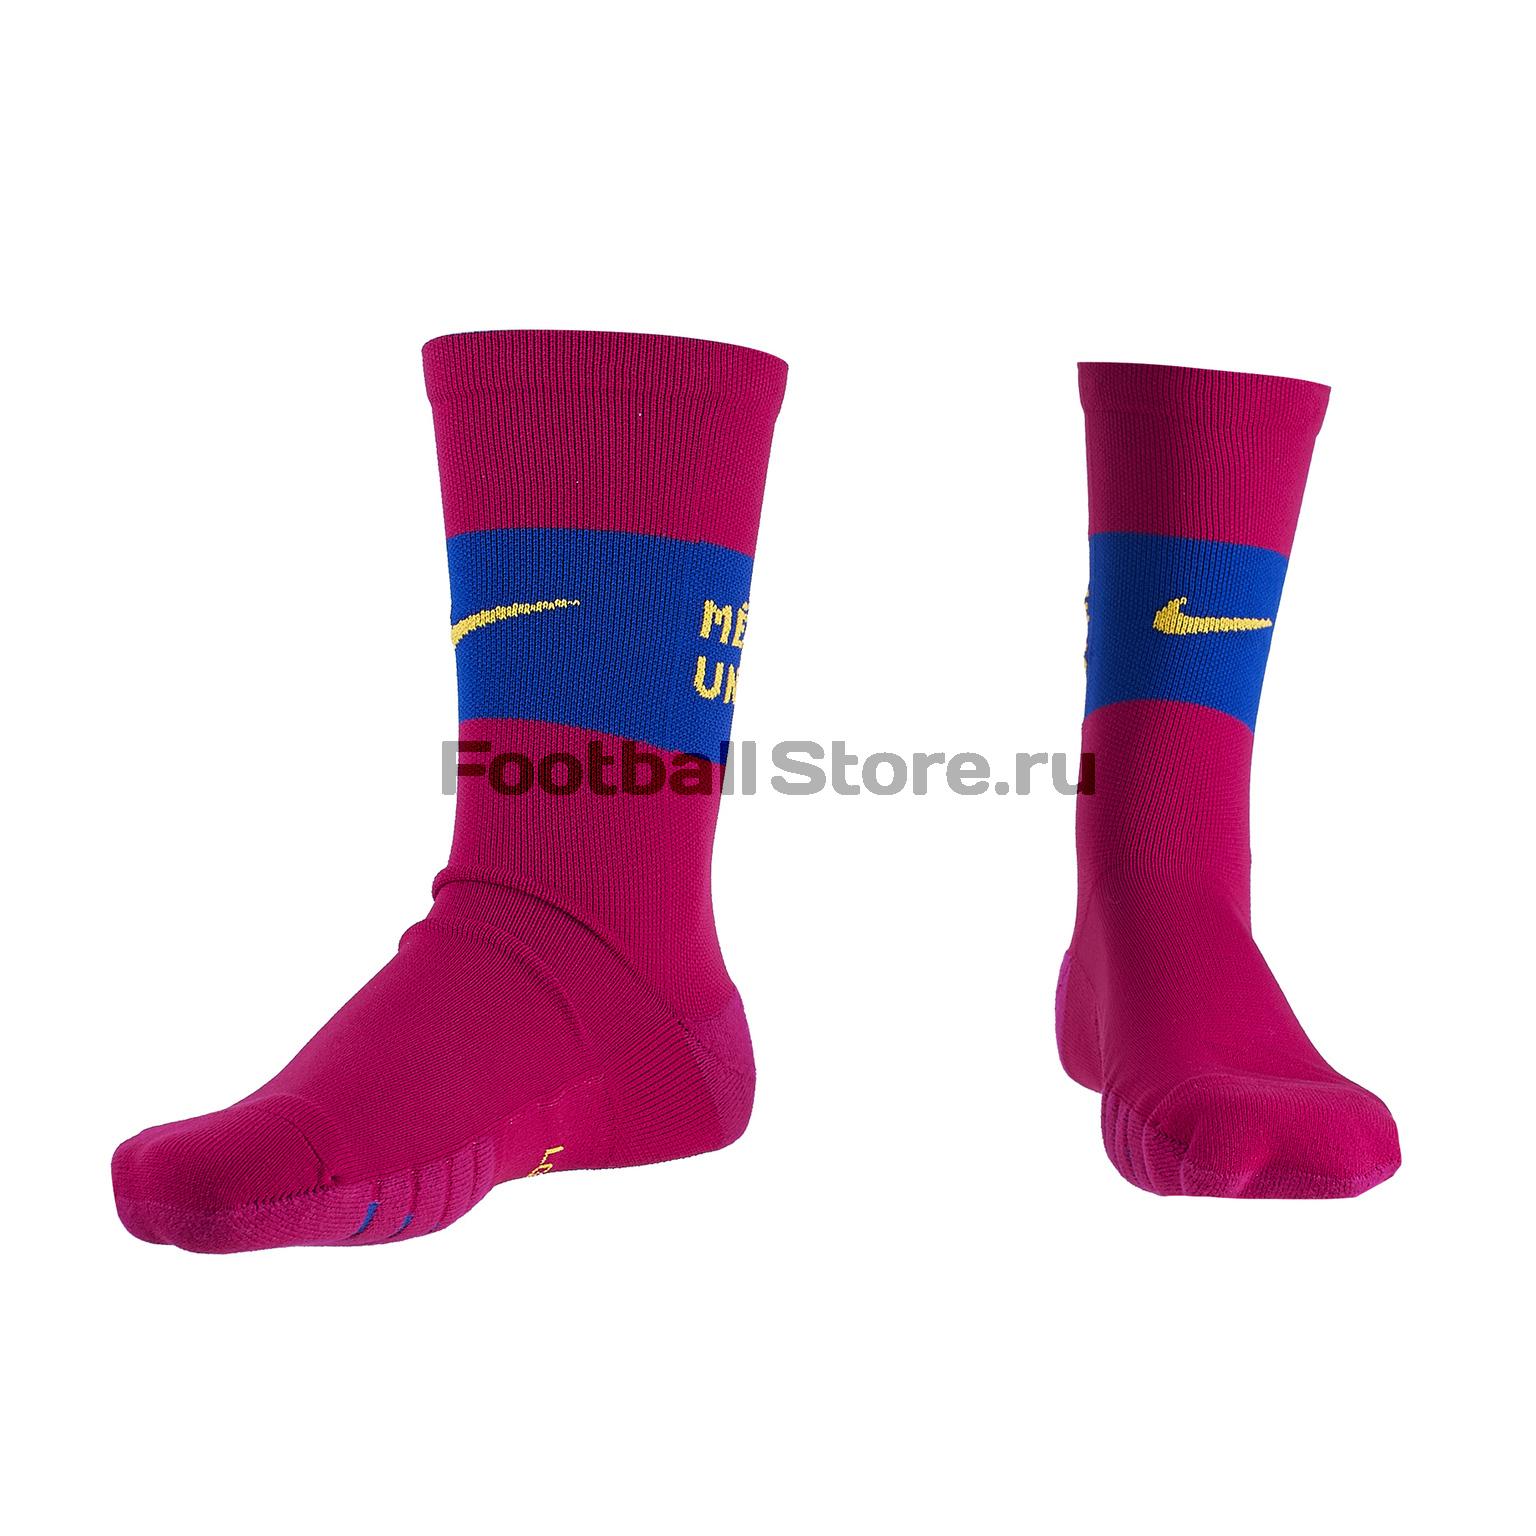 Носки Nike Barcelona Squad Crew CK3230-620 цена и фото